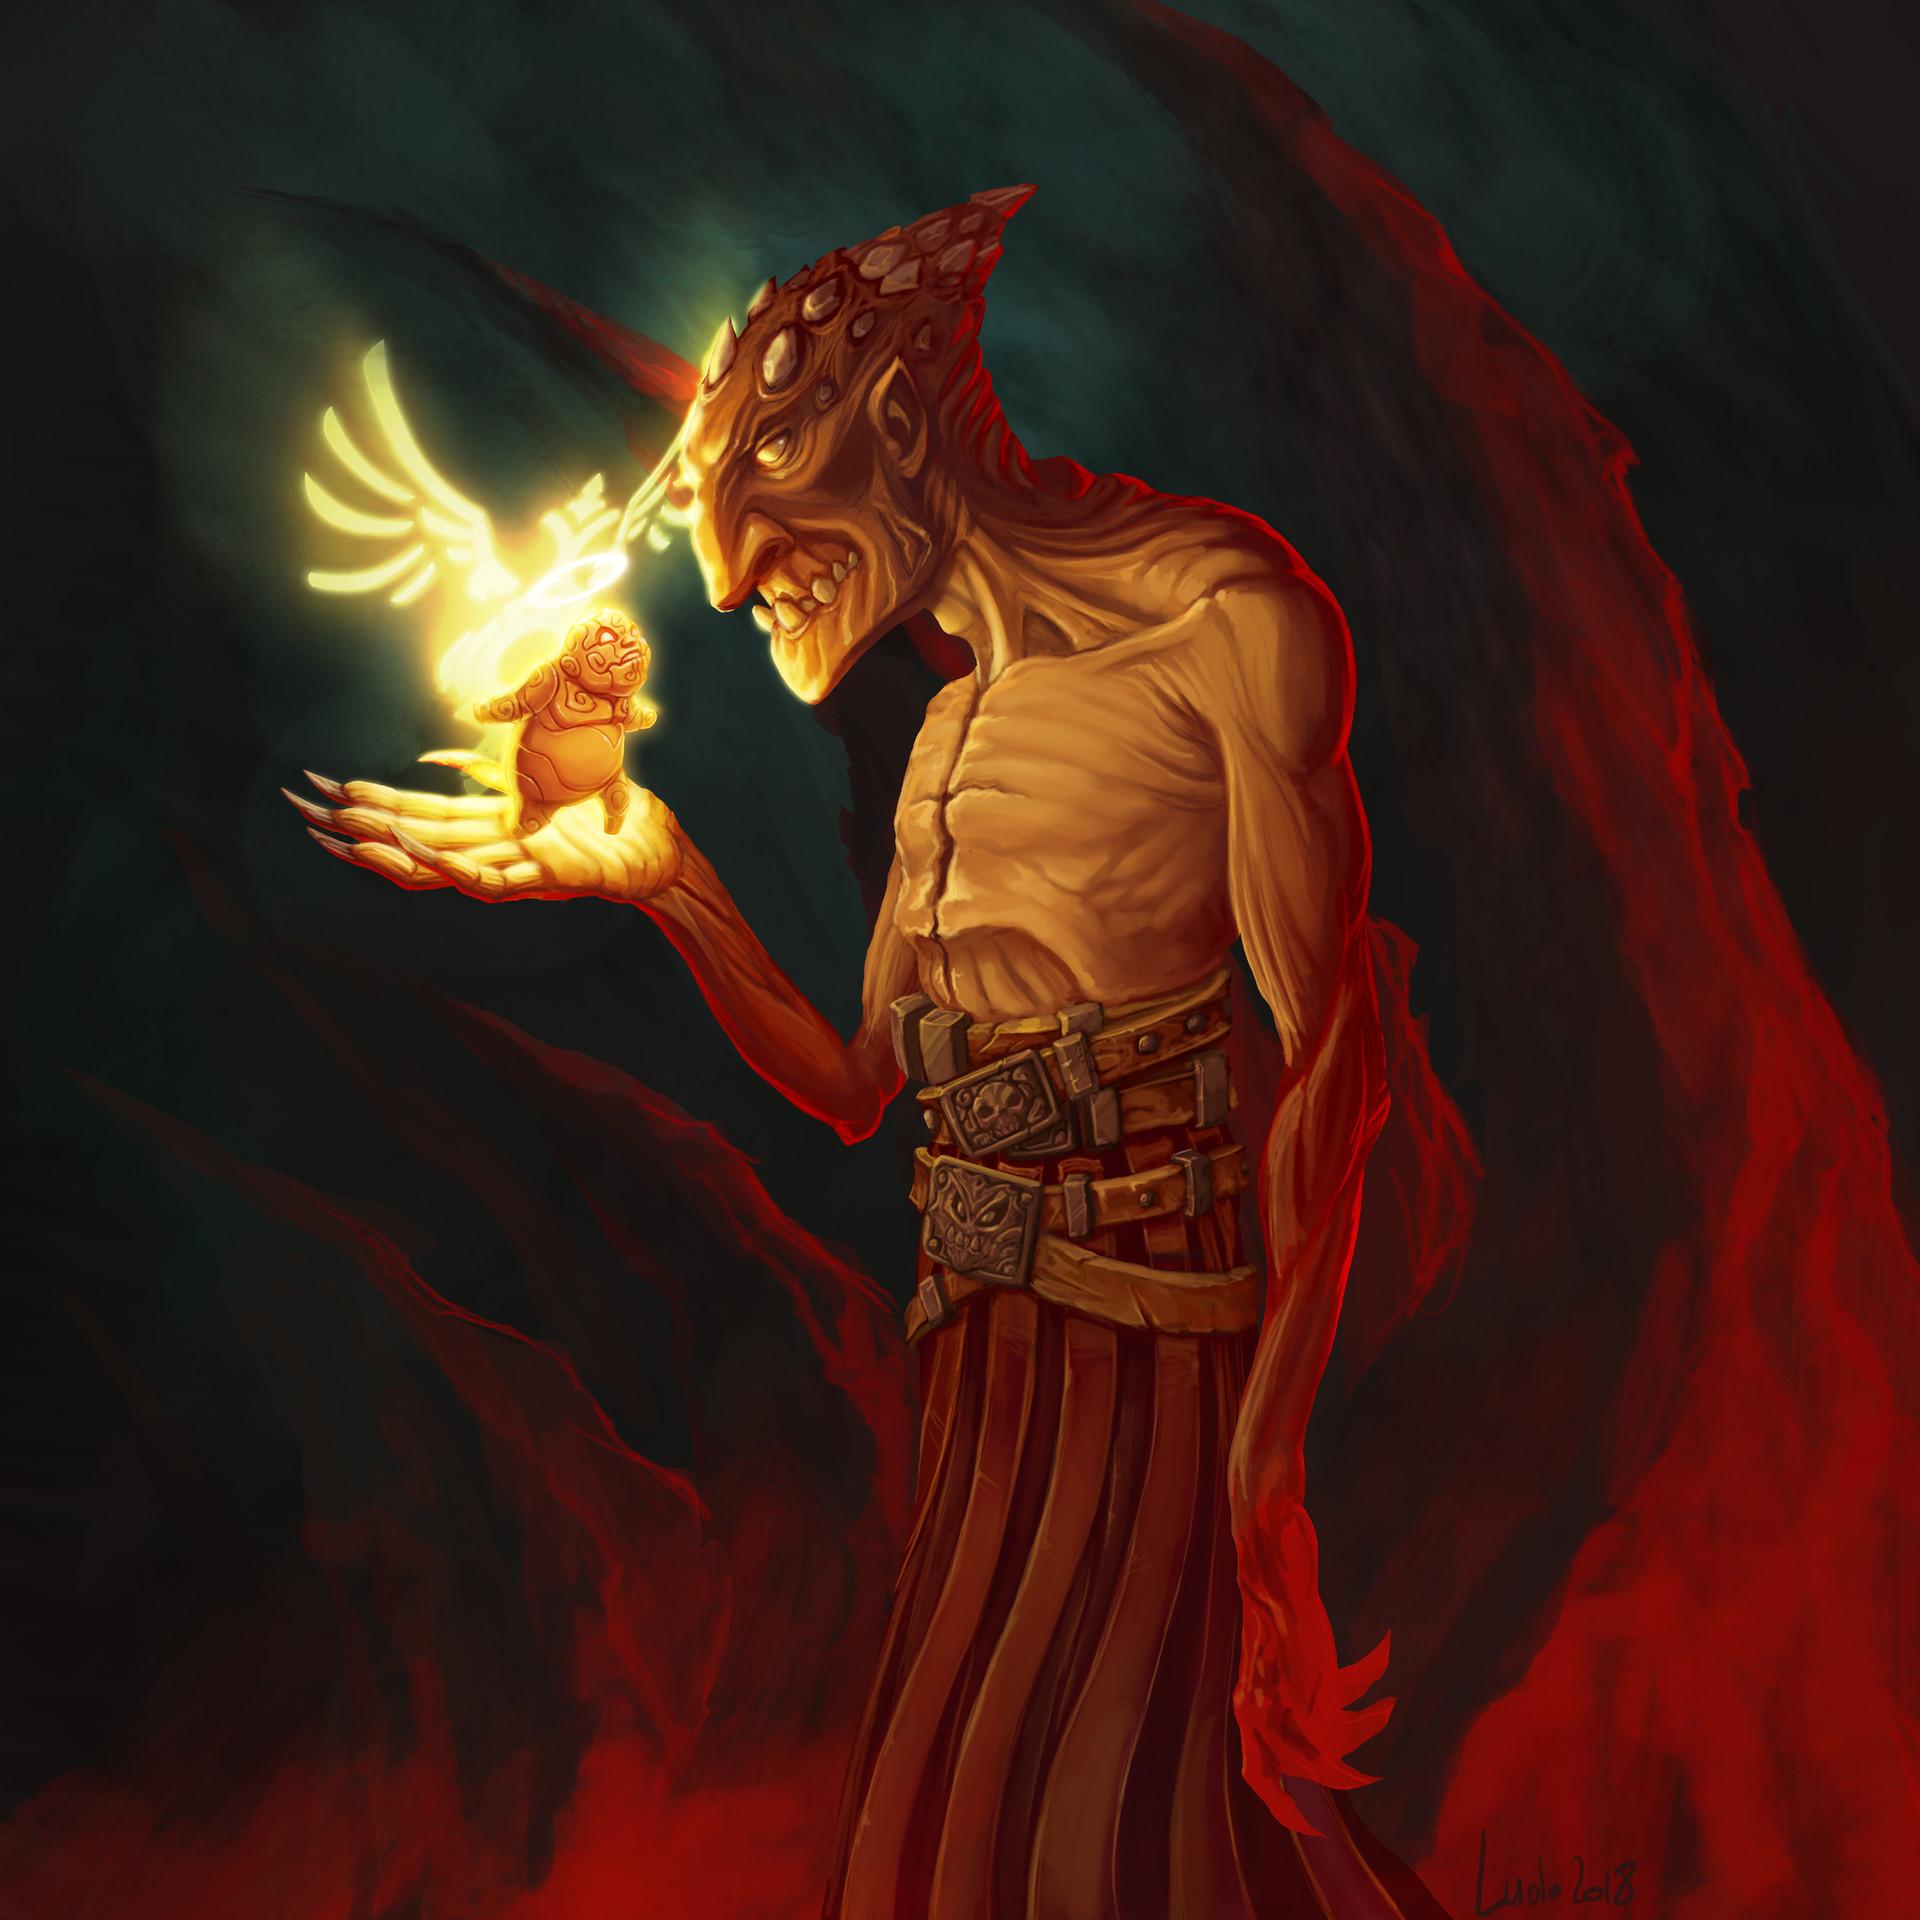 Ludovic rivalland demon02